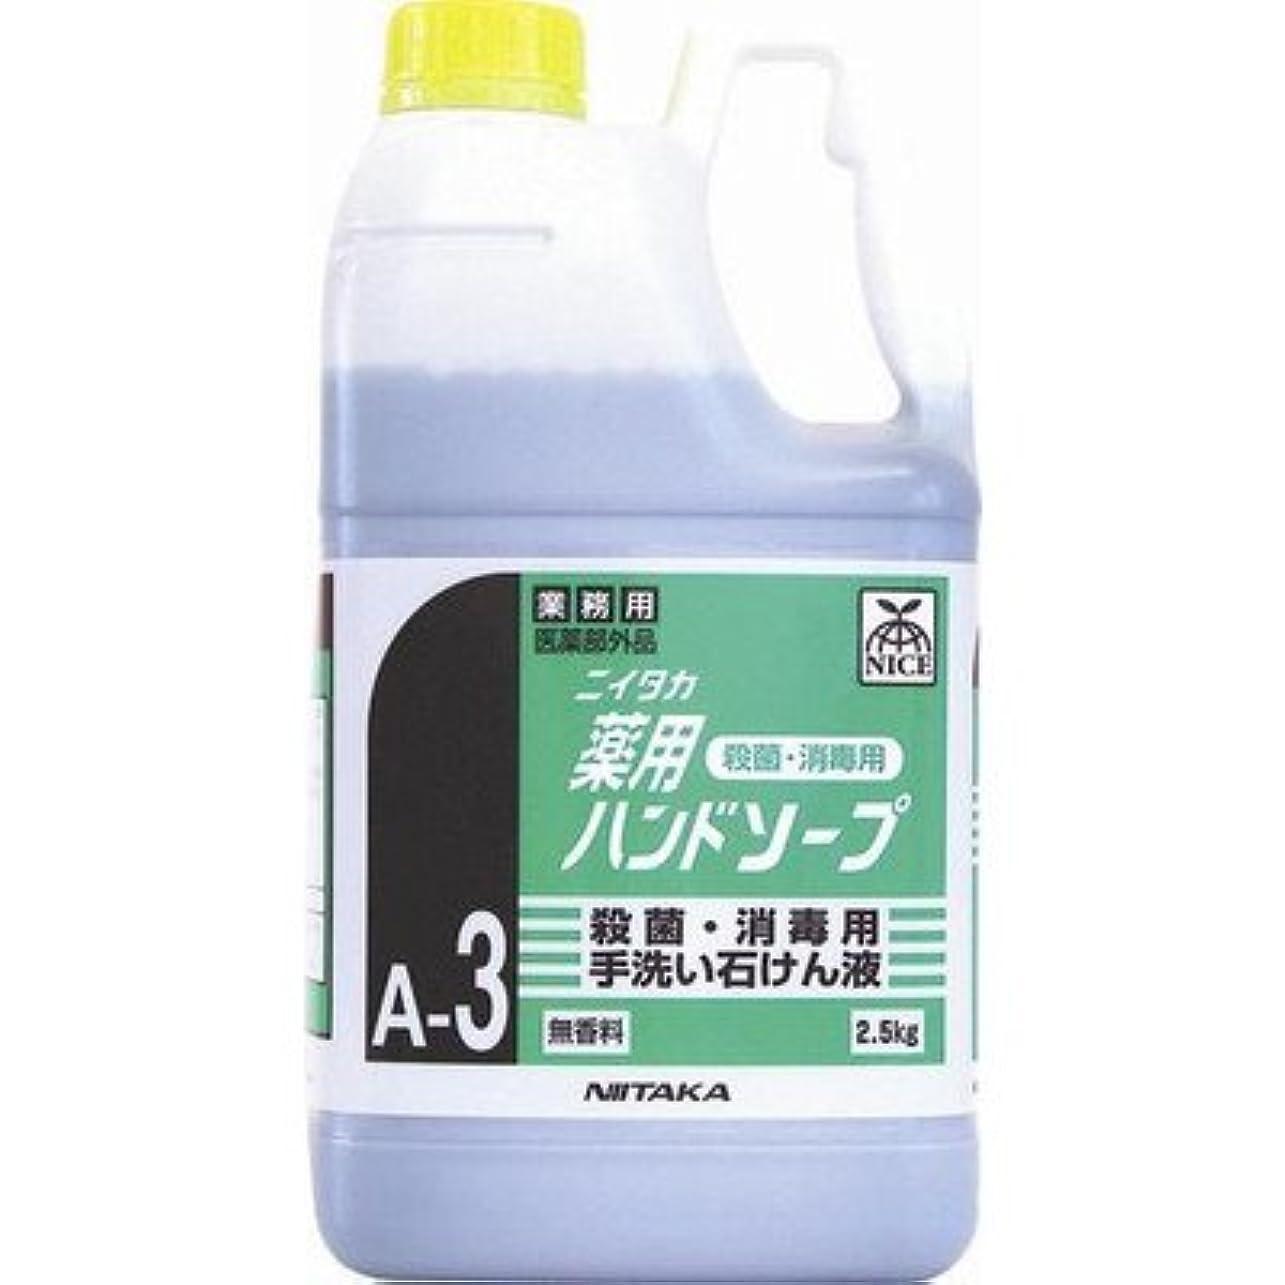 スチュワーデス精神戦略ニイタカ 業務用手洗い石けん液 薬用ハンドソープ(A-3) 2.5kg×6本